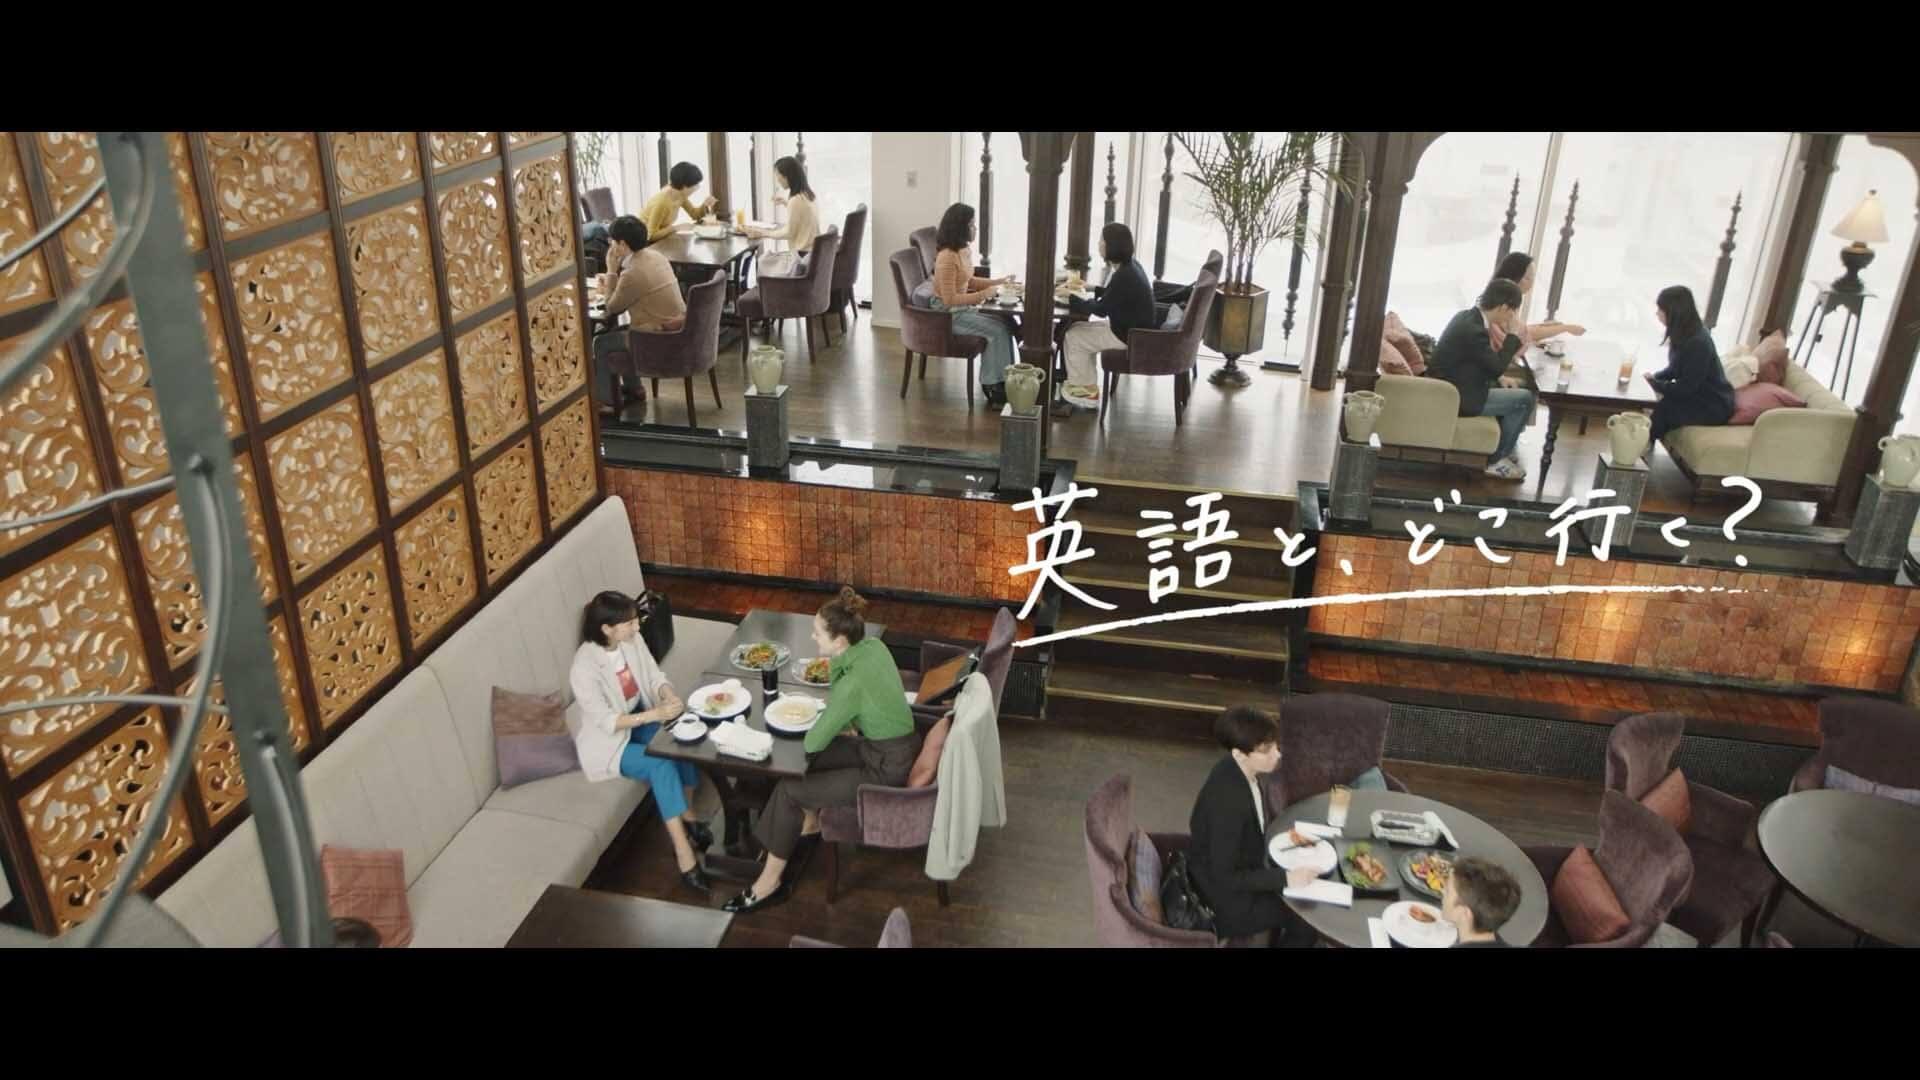 サービス認知向上に貢献した「駅前留学NOVA」動画制作事例